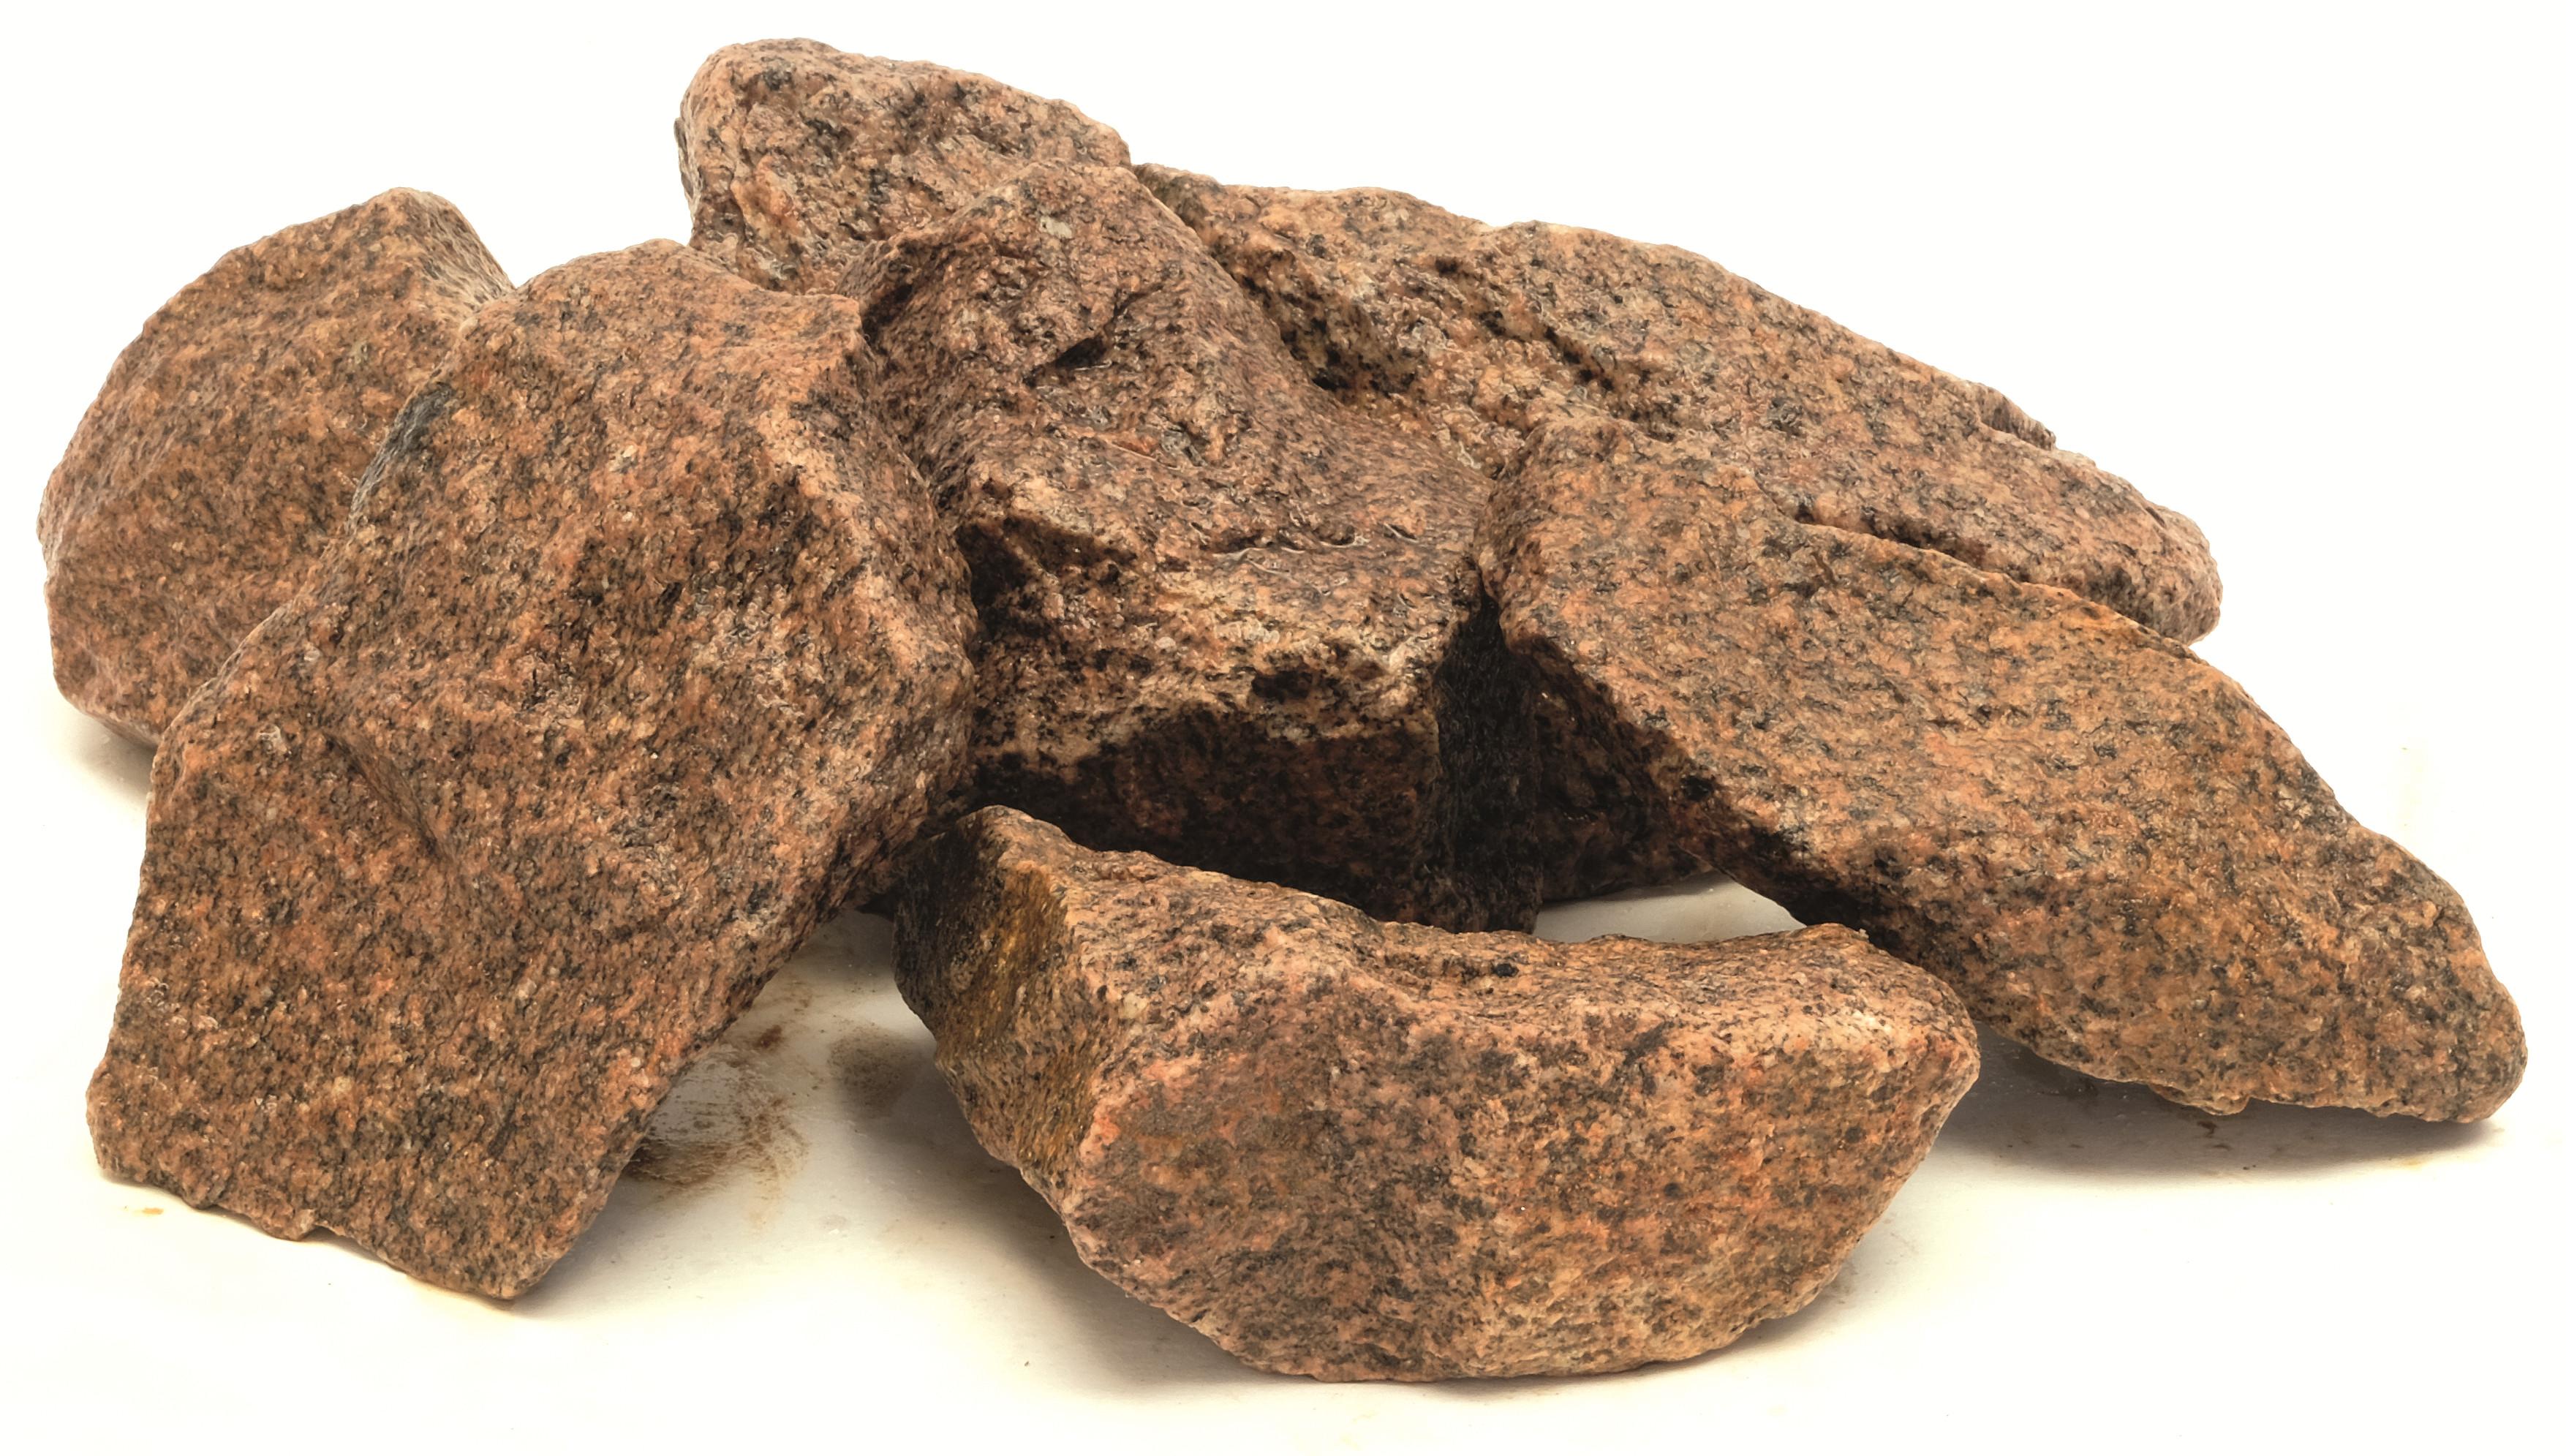 granit rot gabionensteine 60 120 mm gabionensteine produkte fachcenter f r zierkies. Black Bedroom Furniture Sets. Home Design Ideas